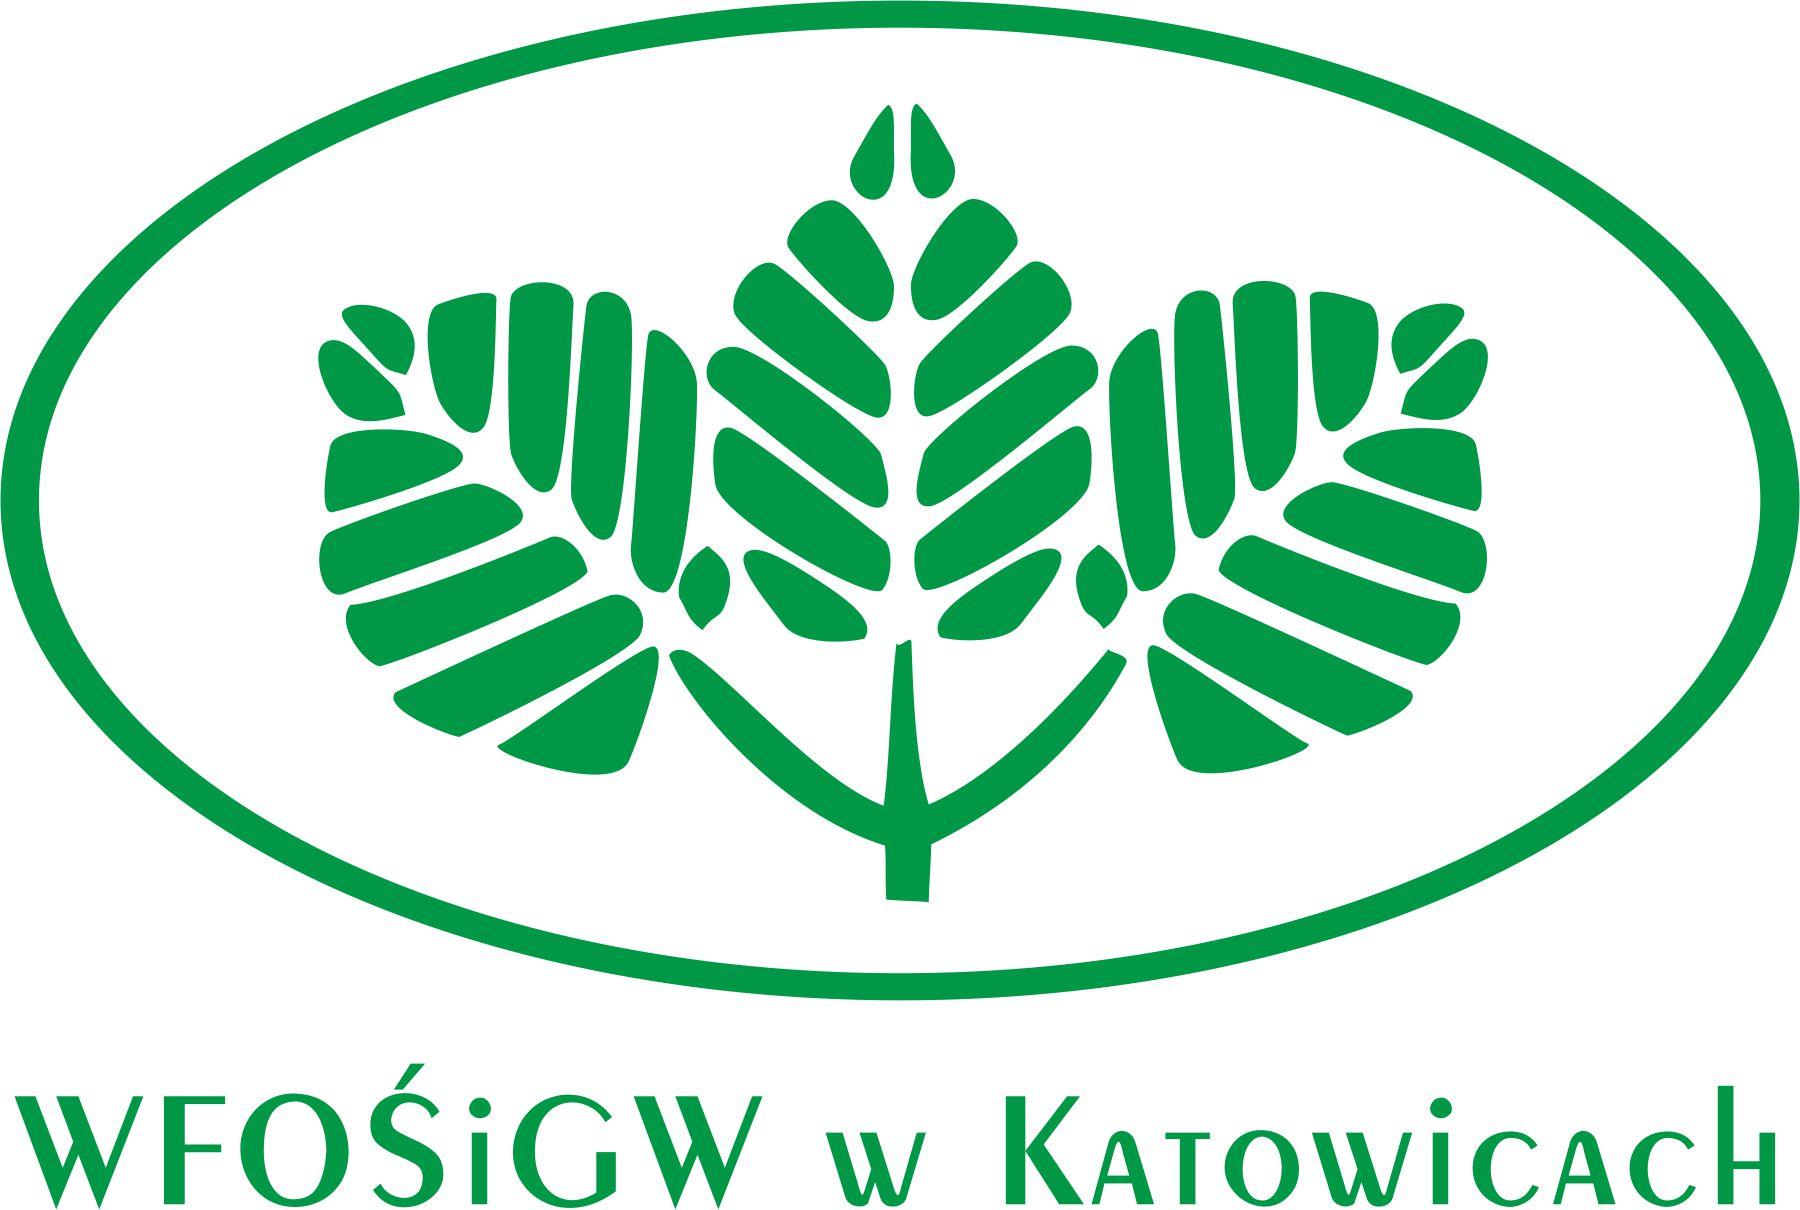 Zasady oznakowania przedsięwzięć, logo Funduszu do pobrania - Wojewódzki  Fundusz Ochrony Środowiska i Gospodarki Wodnej w Katowicach